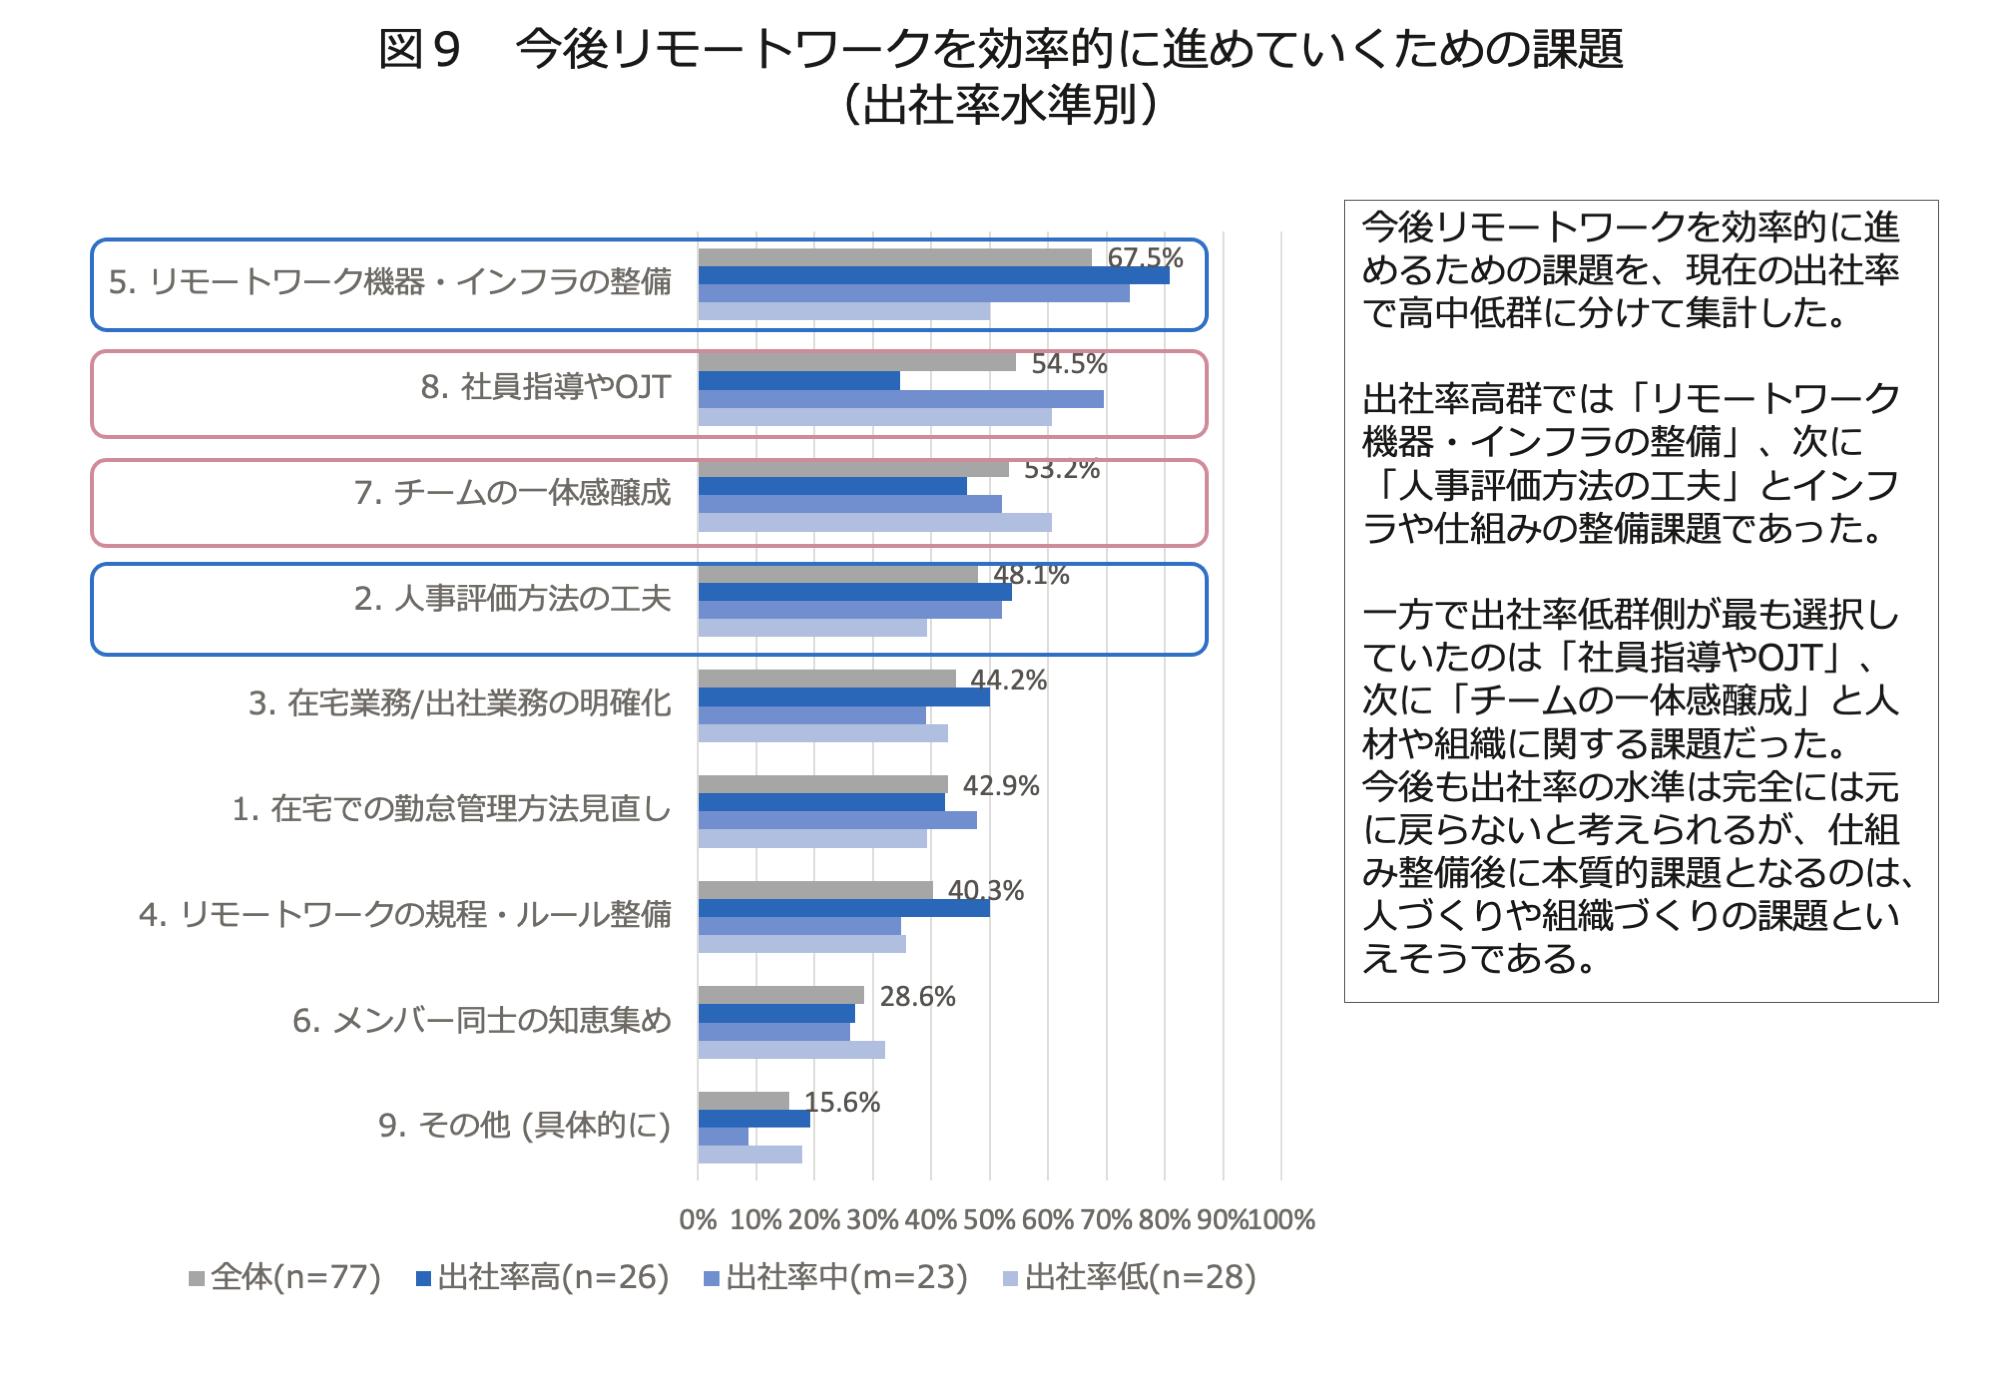 図9 今後リモートワークを効率的に進めていくための課題(出社率水準別)